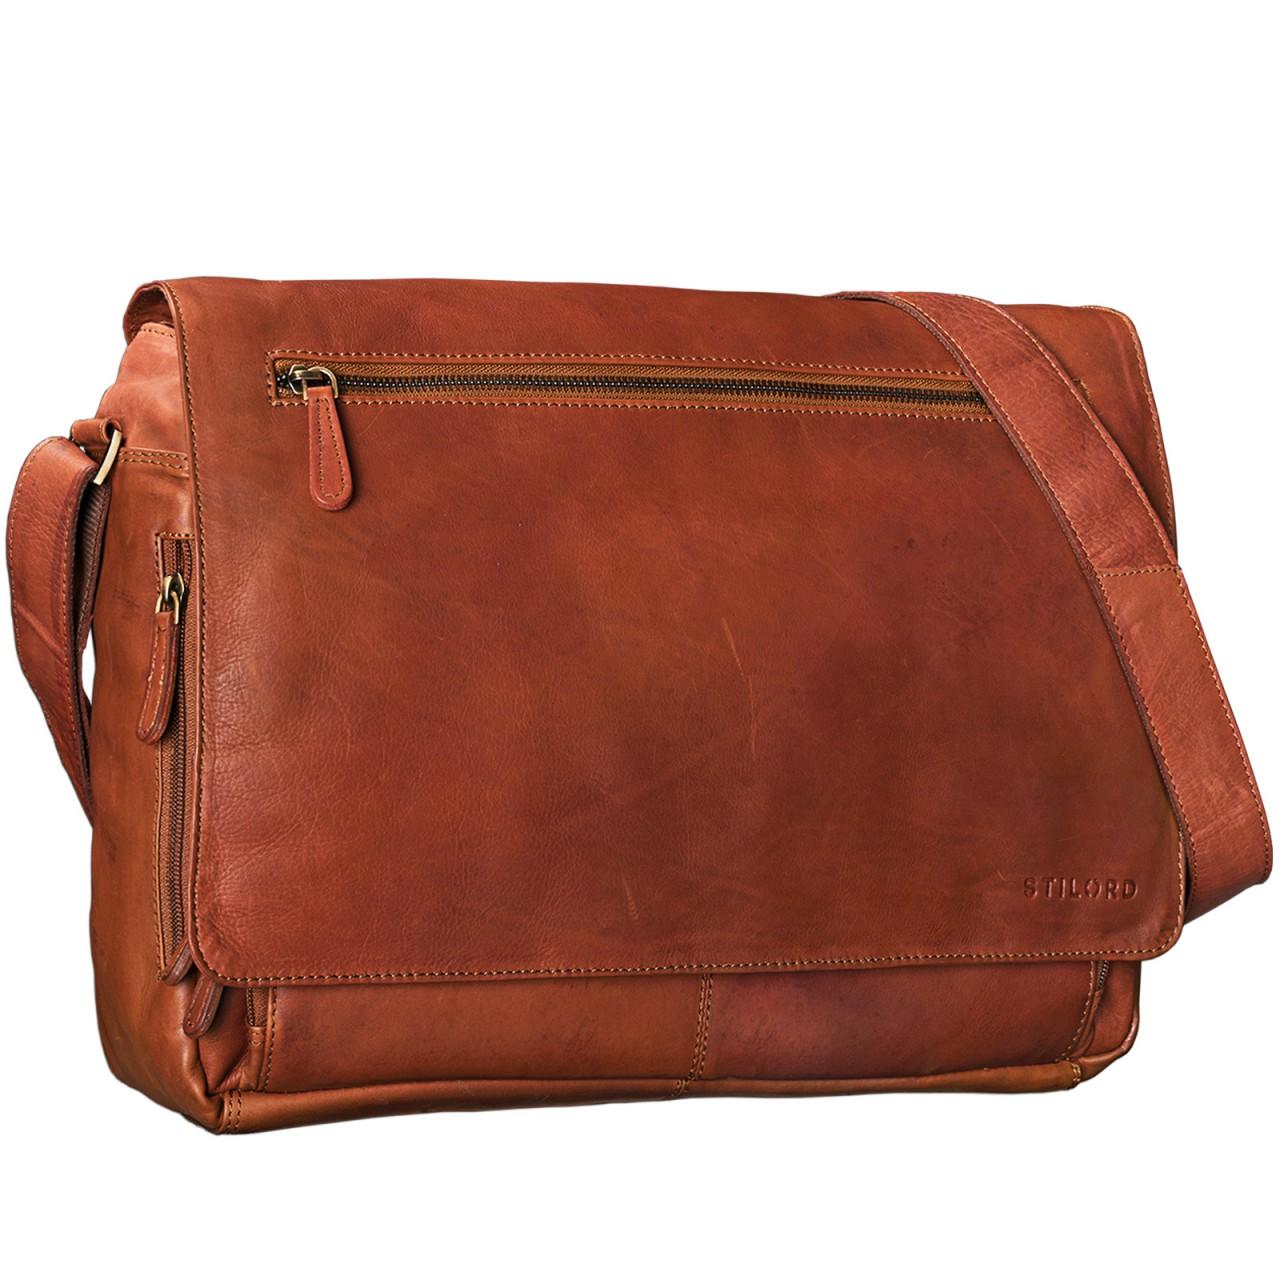 """STILORD """"Jan"""" 15,6 Zoll Laptoptasche Leder Herren Damen Umhängetasche Unitasche Aktentasche Freizeit Bürotasche weiches Vintage Leder - Bild 6"""